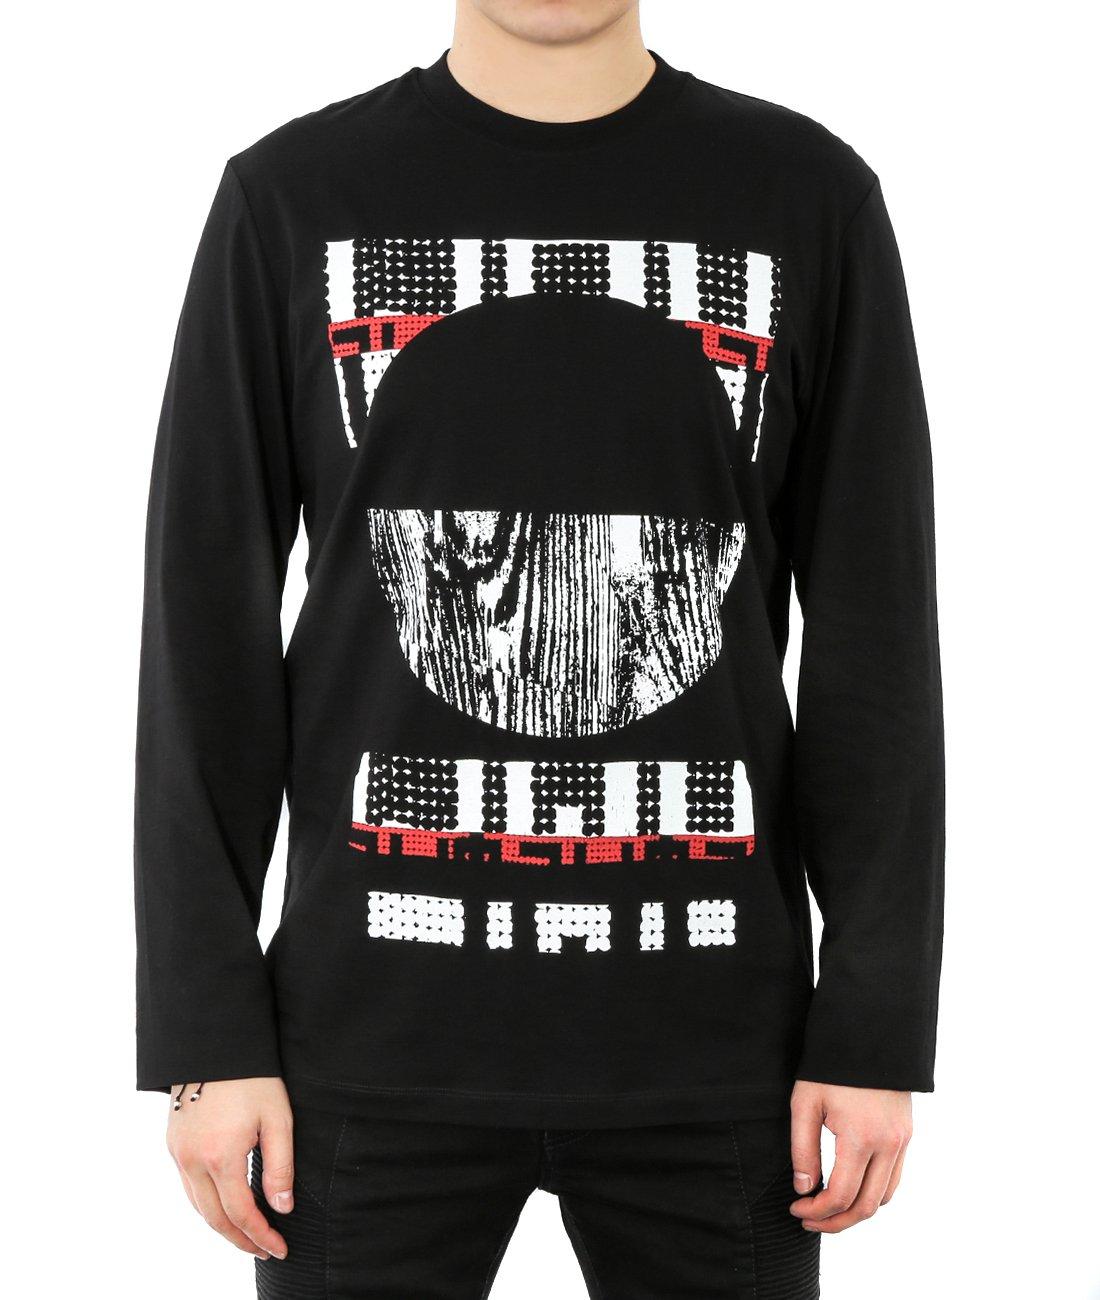 Wiberlux Alexander Mcqueen Men's Geometric Print Long Sleeve T-Shirt XL Black